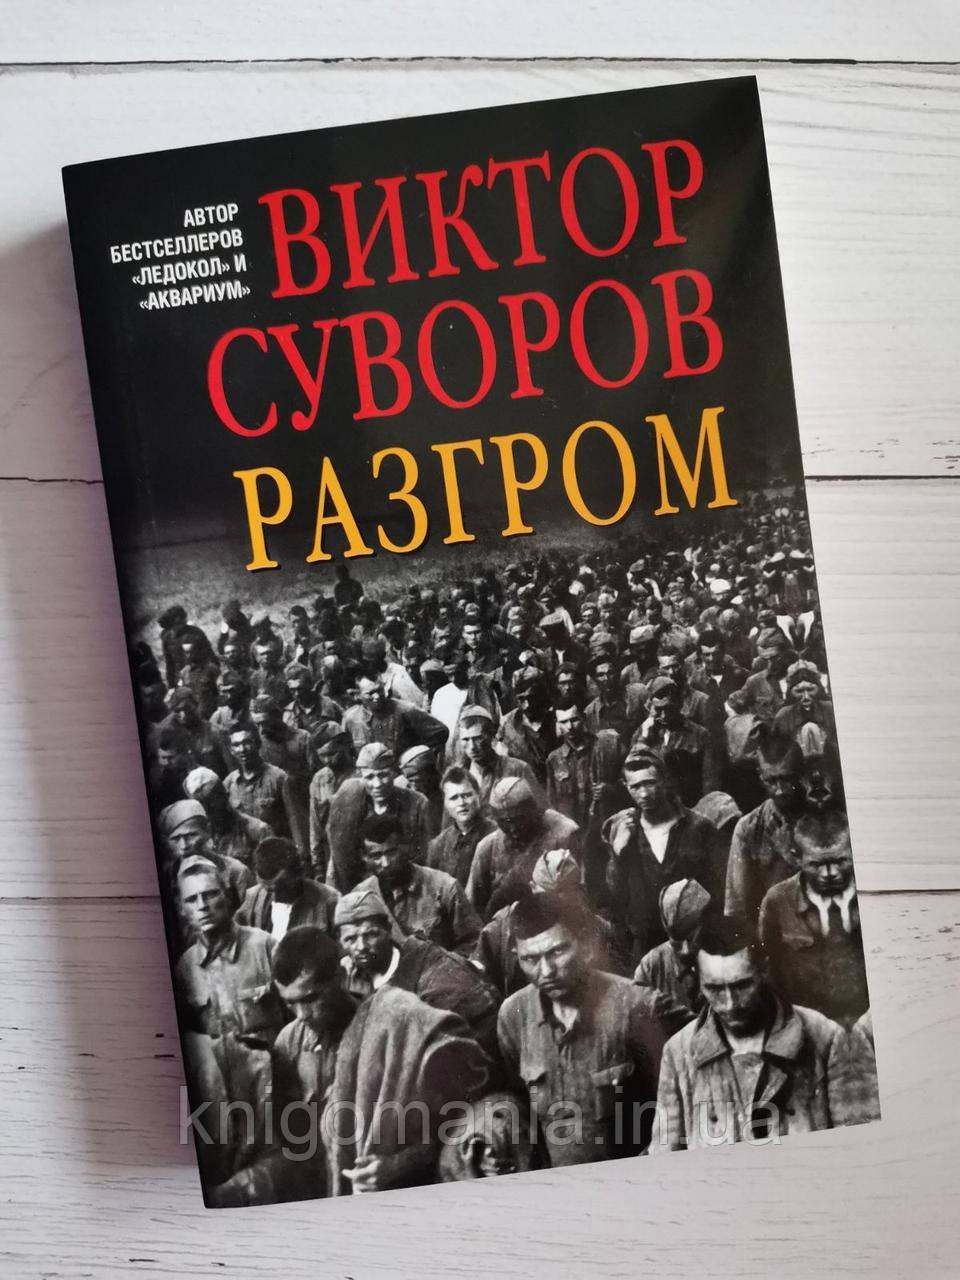 Разгром. Виктор Суворов